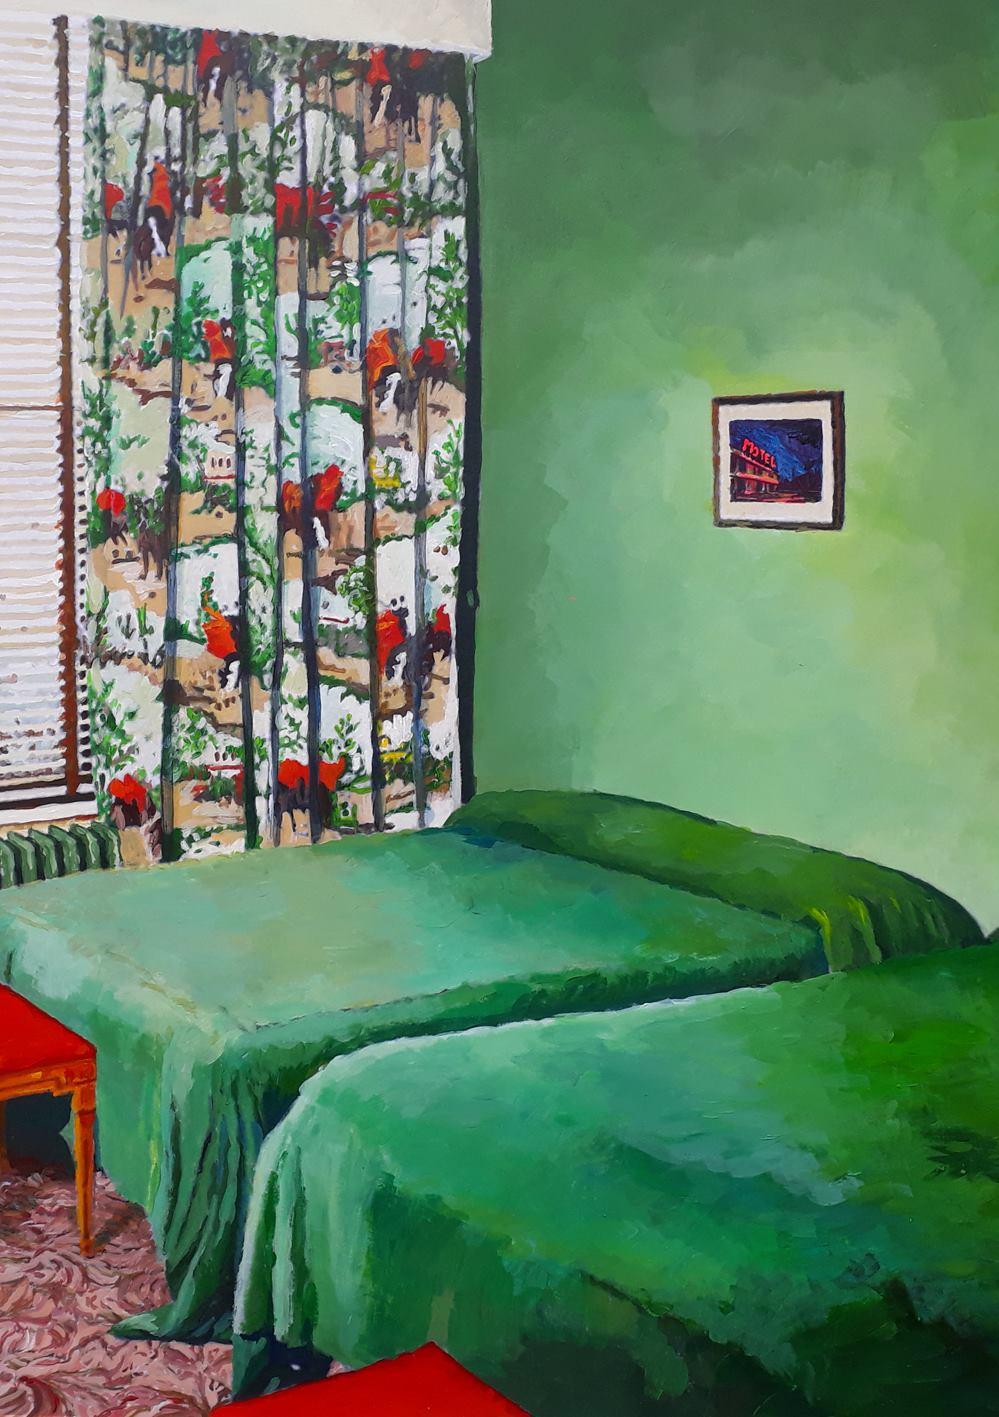 Julie Giraud, La chambre verte, 2018. Peinture acrylique sur papier Fabriano contrecollé sur MDF, 59 x 90 cm